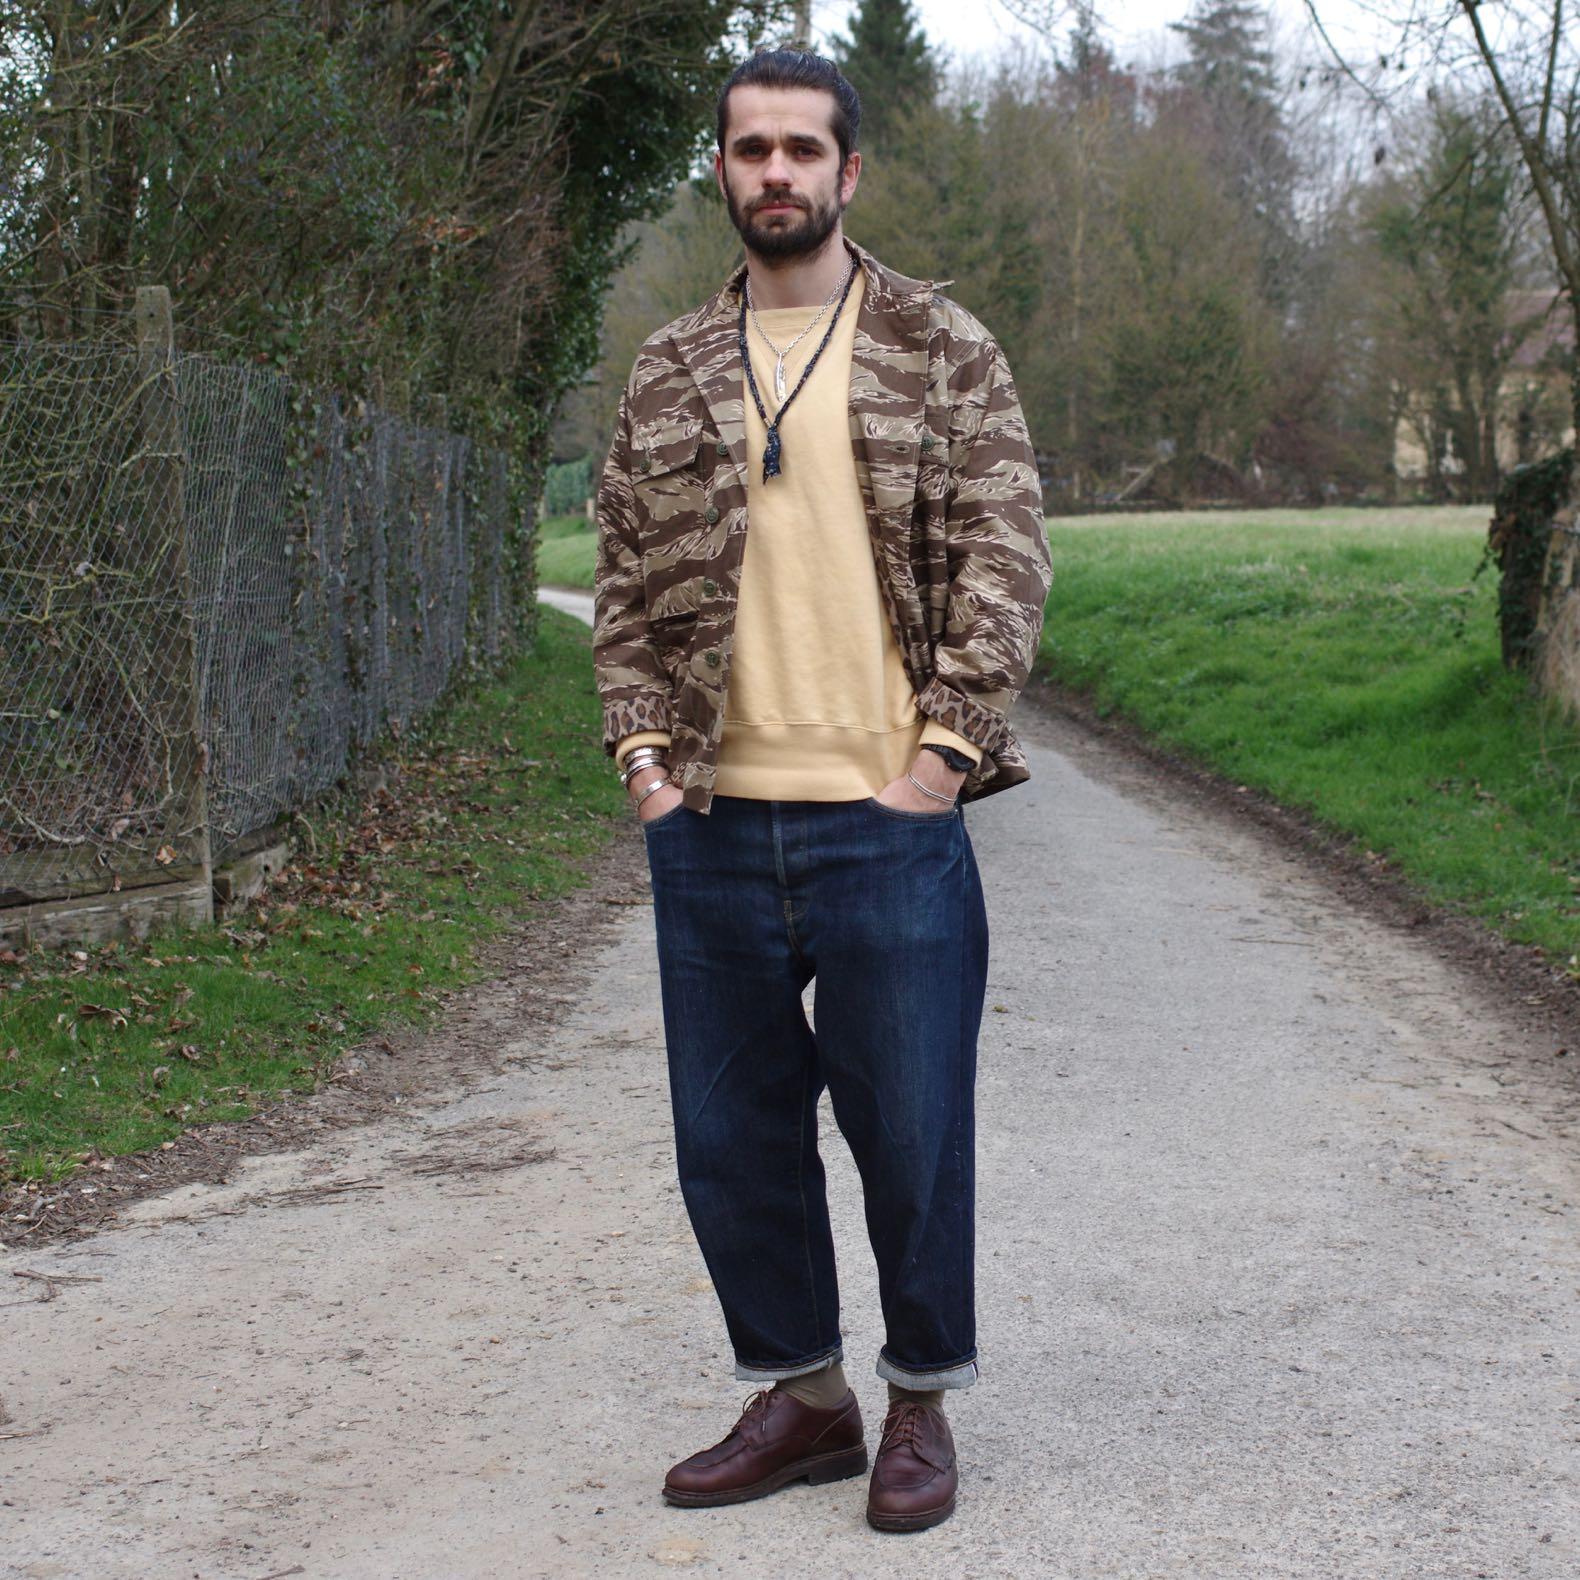 photo de Boris Cornilleau aka Boras, fondateur du blog de mode masculine Borasification et de la marque Borali. Styliste inépendant, notamment pour Arashi Denim